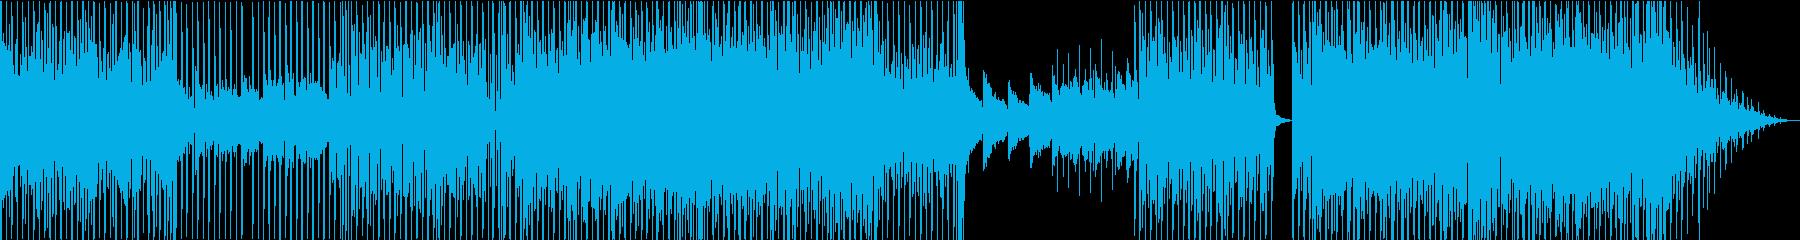 キラキラ/シティポップ_No461_1の再生済みの波形